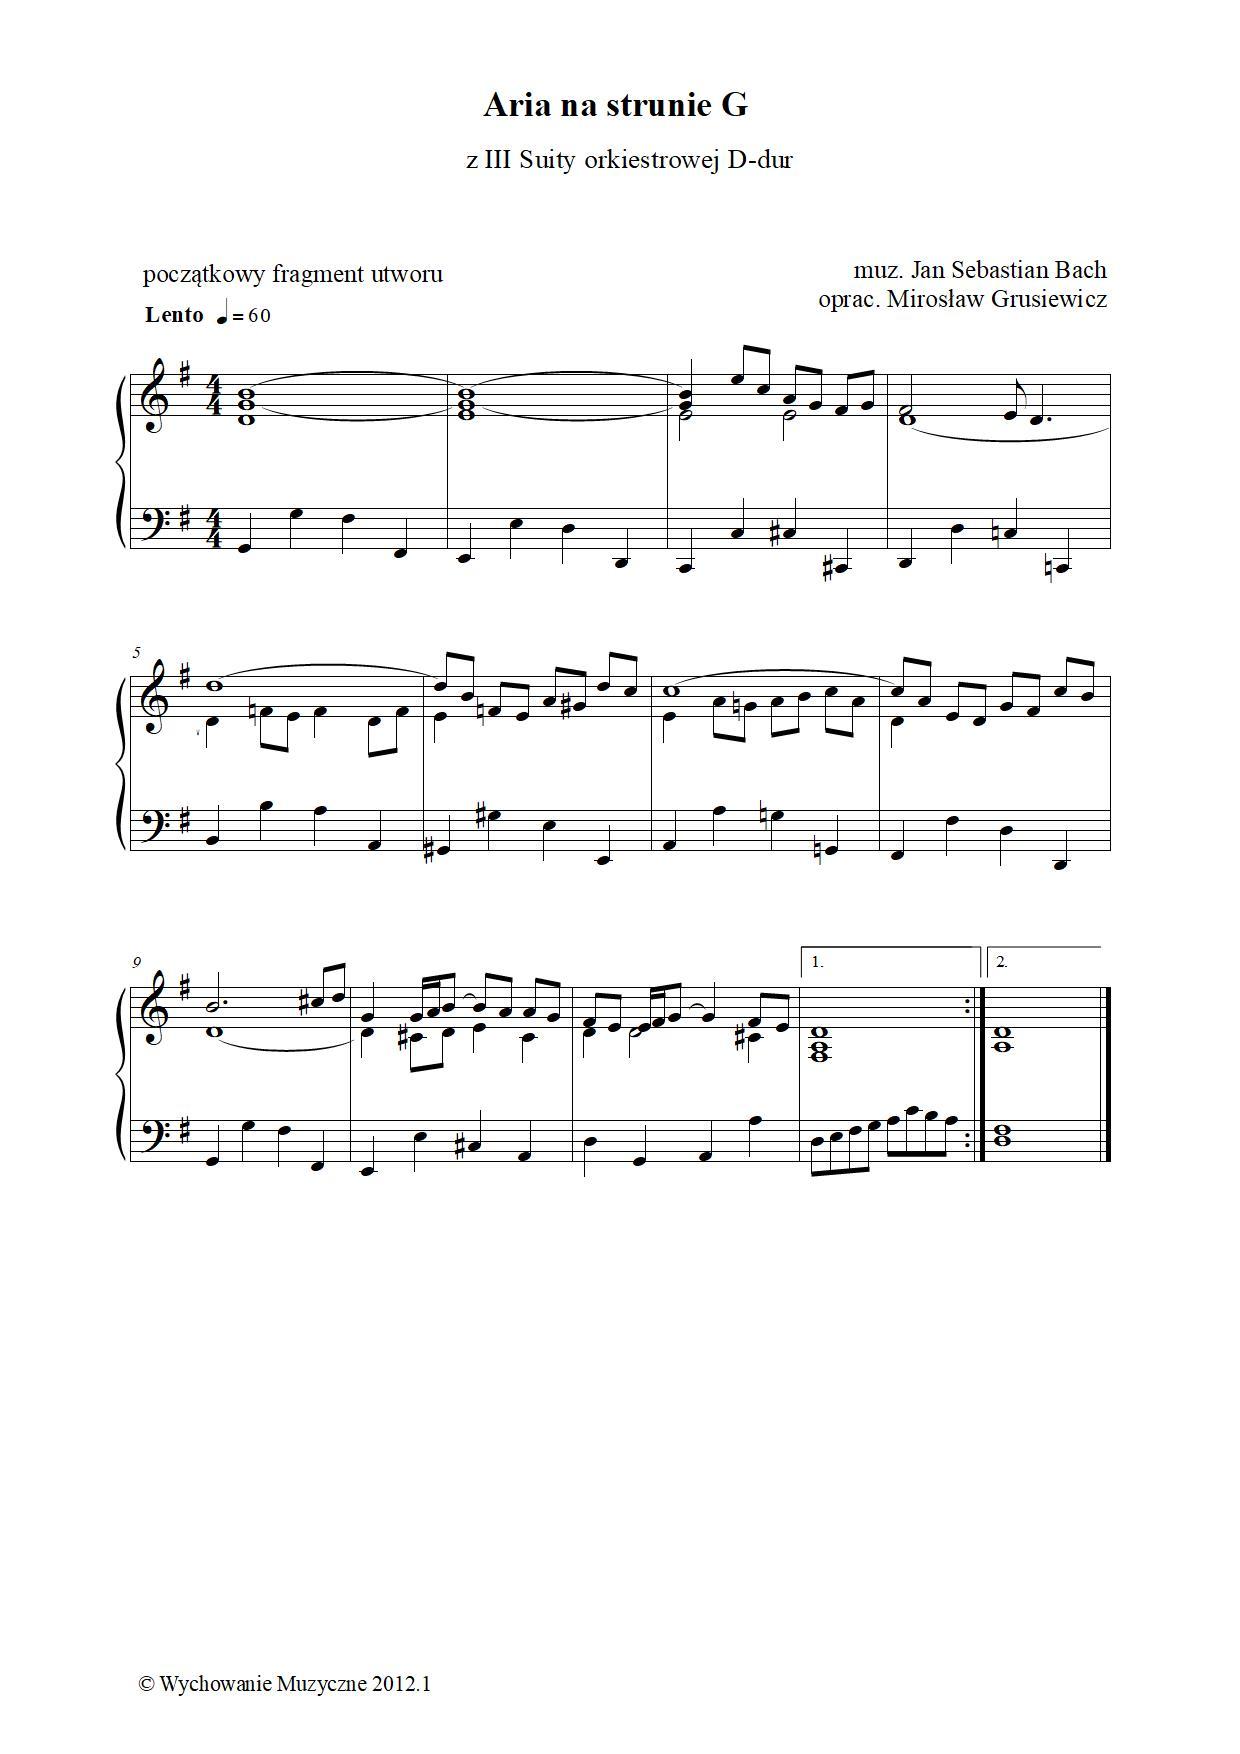 Aria na strunie G z III Suity orkiestrowej D-dur BWV1068